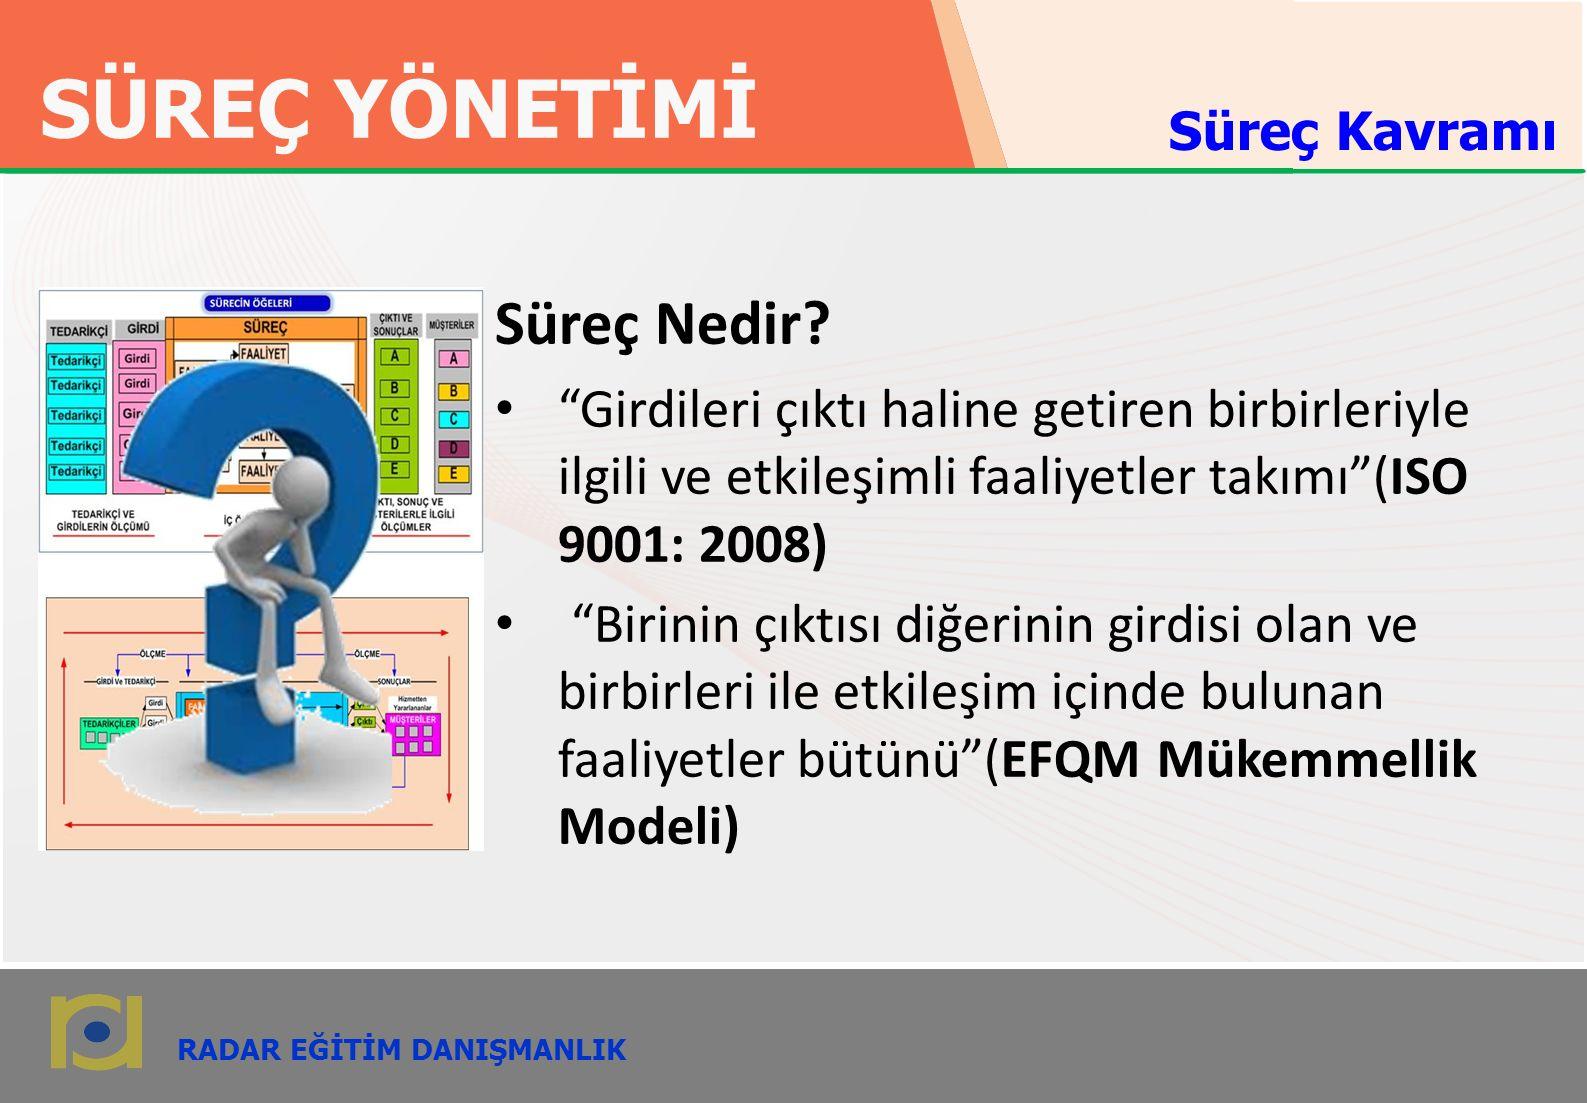 RADAR EĞİTİM DANIŞMANLIK SÜREÇ YÖNETİMİ 23 radardanismanlik.com.tr Sürecin 7 Temel Öğesi 1.